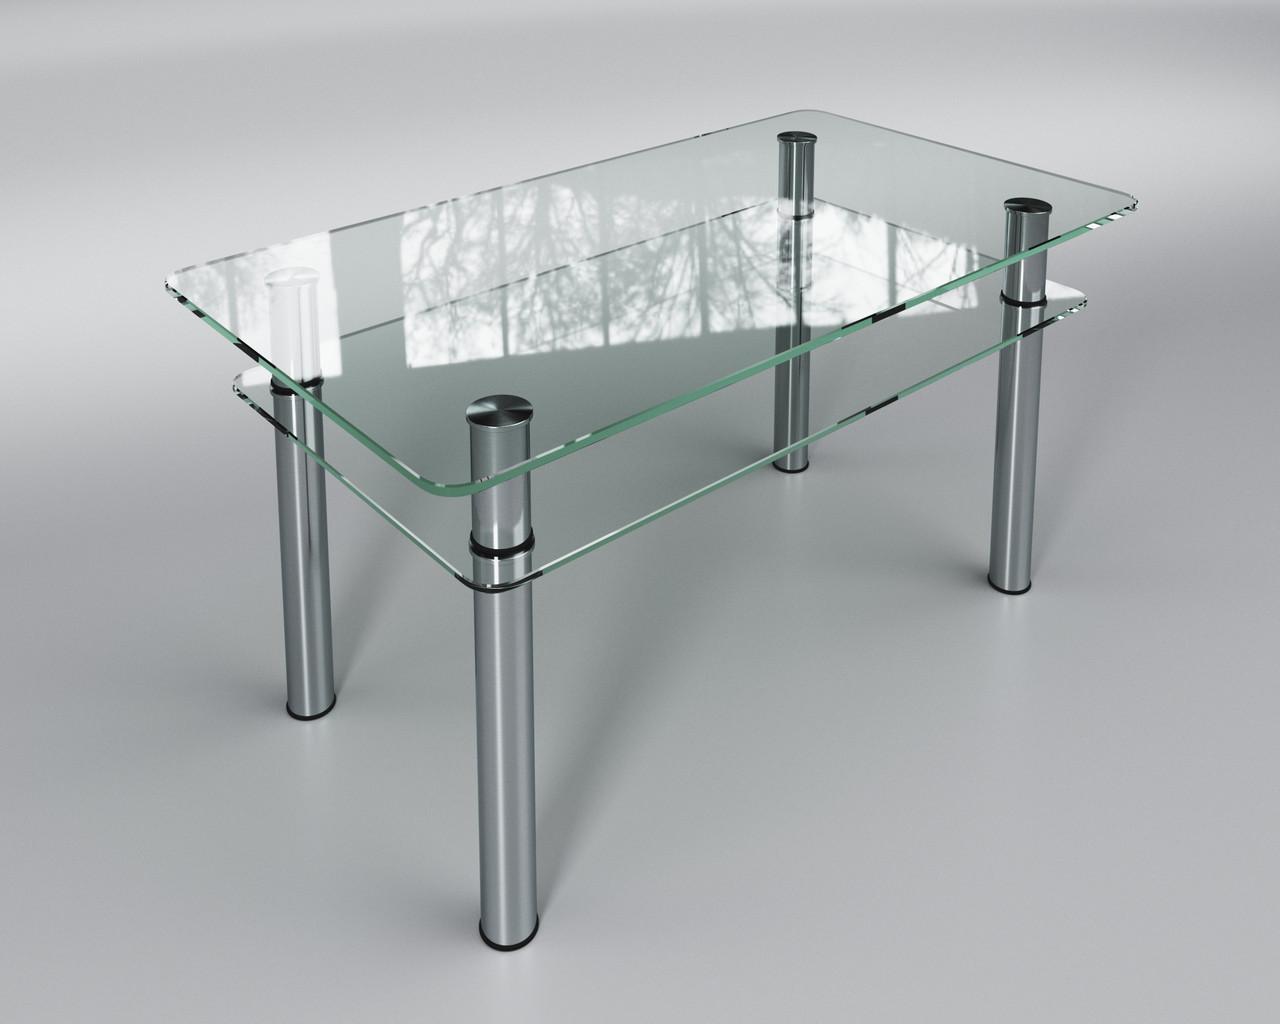 Стеклянный стол журнальный Кристалл мини с полкой